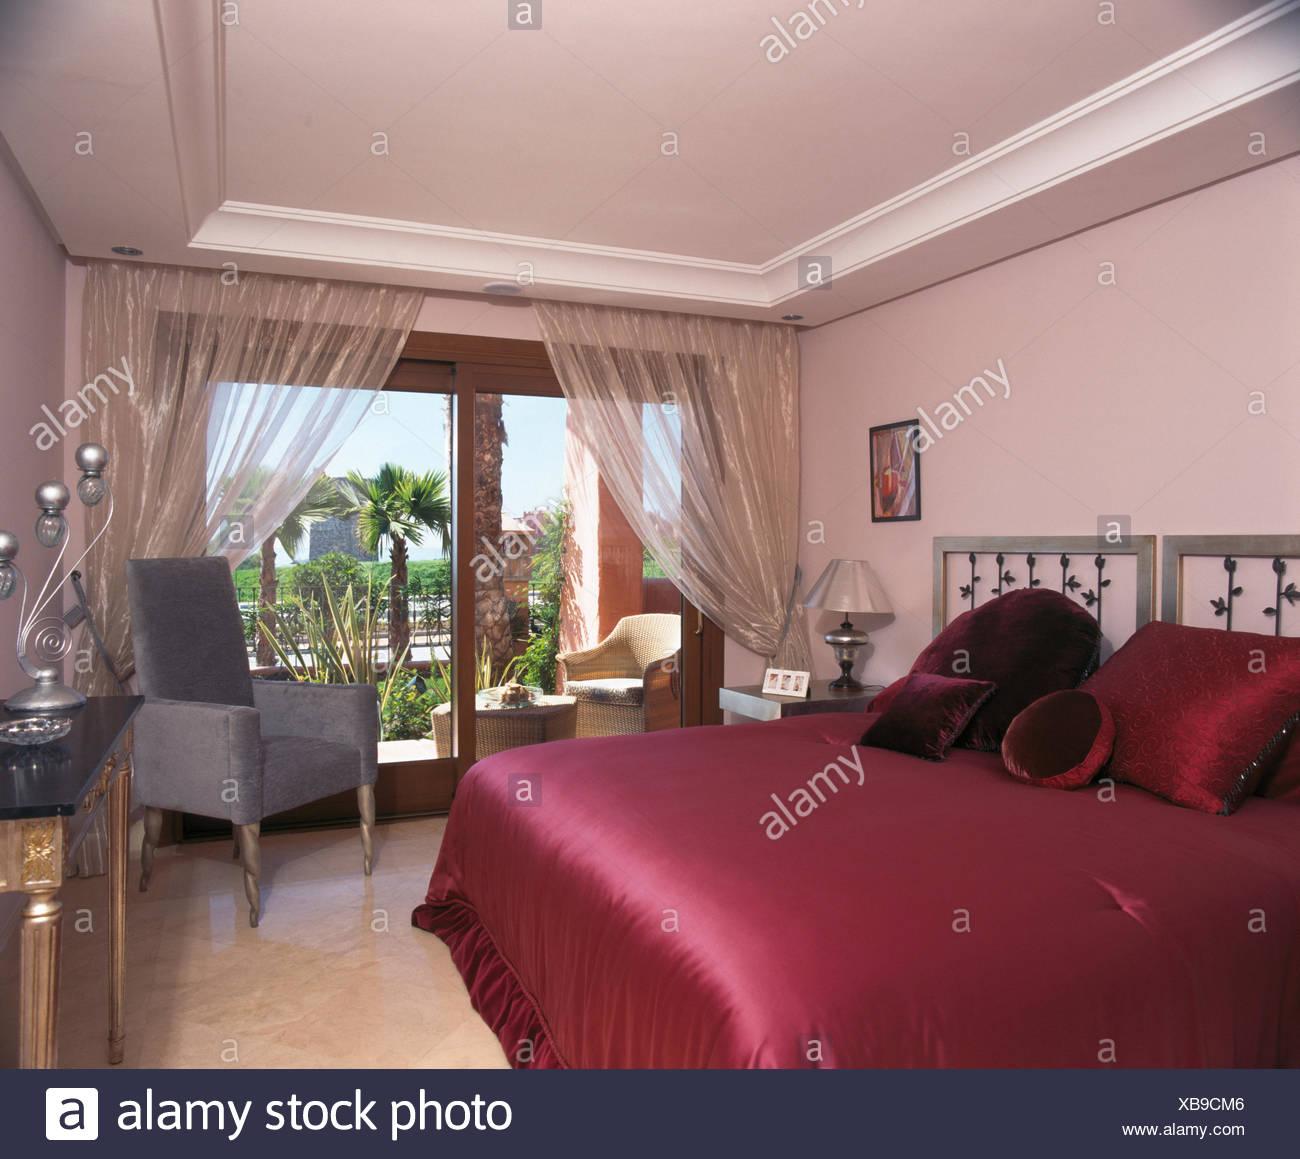 Rosa scuro satinato coperchio letto sul letto in spagnolo camera da ...